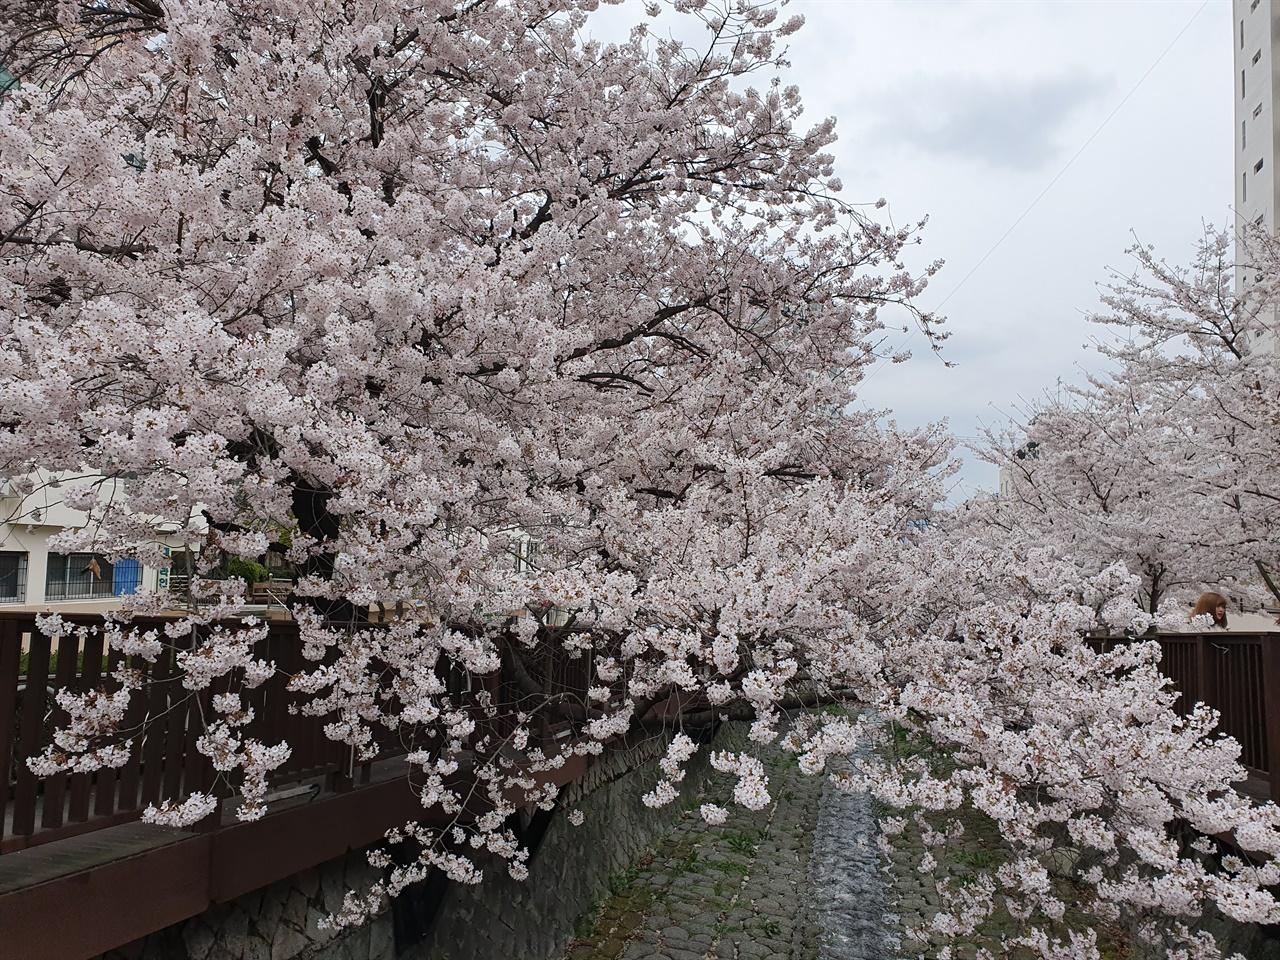 집앞 냇가 양쪽으로 길게 줄지어선 벚나무에 꽃이 활짝 피었다. 사람이 없을 때는 잠시 내려가서 따스운 봄햇볕도 쬐고 꽃에 대한 갈증을 얼마간 풀기도 한다.